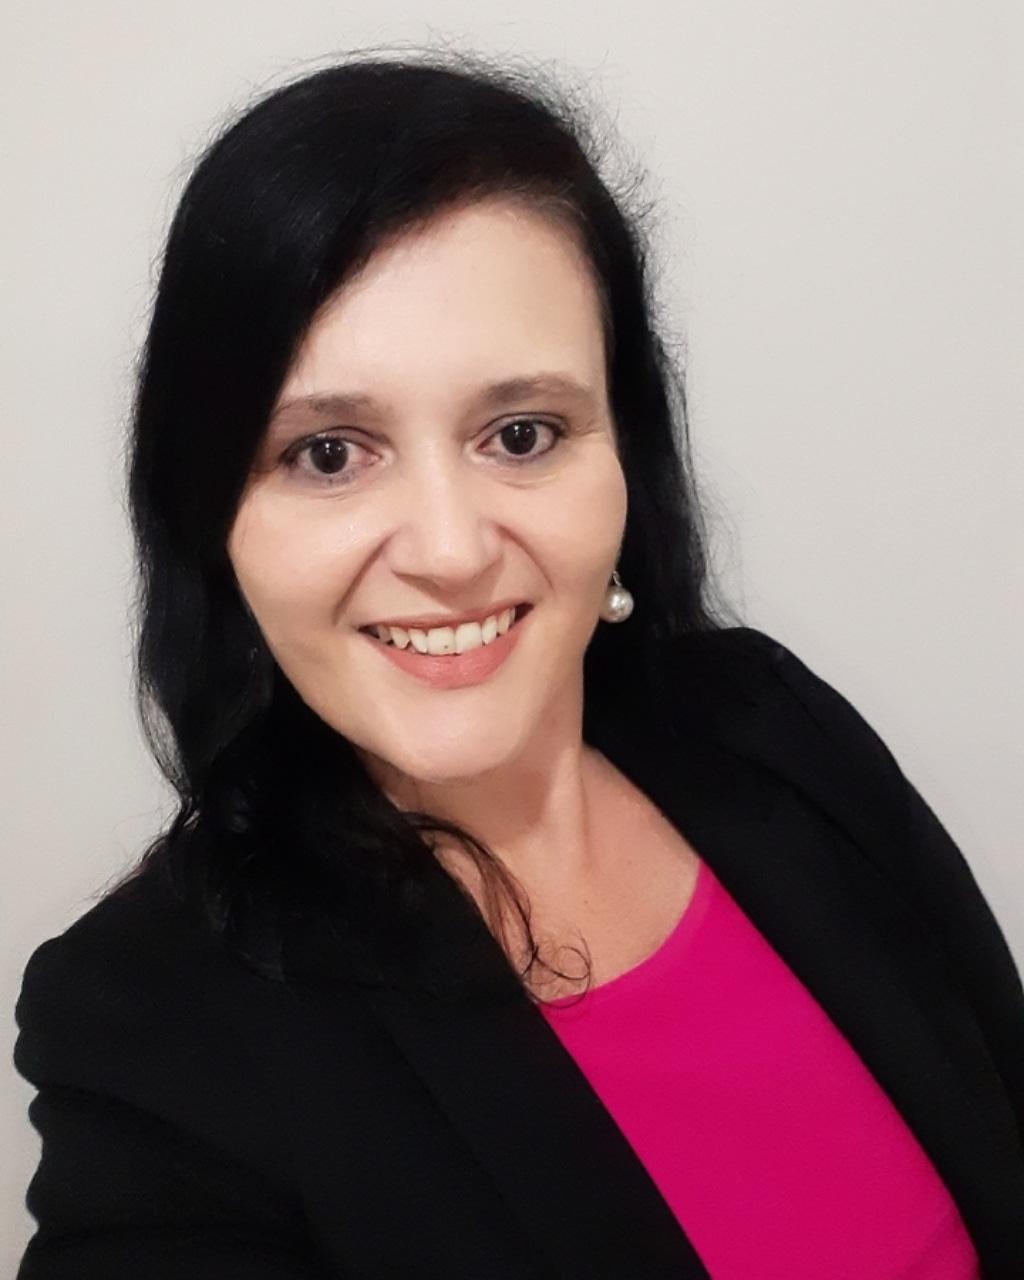 Juliana Kelly Da Silva